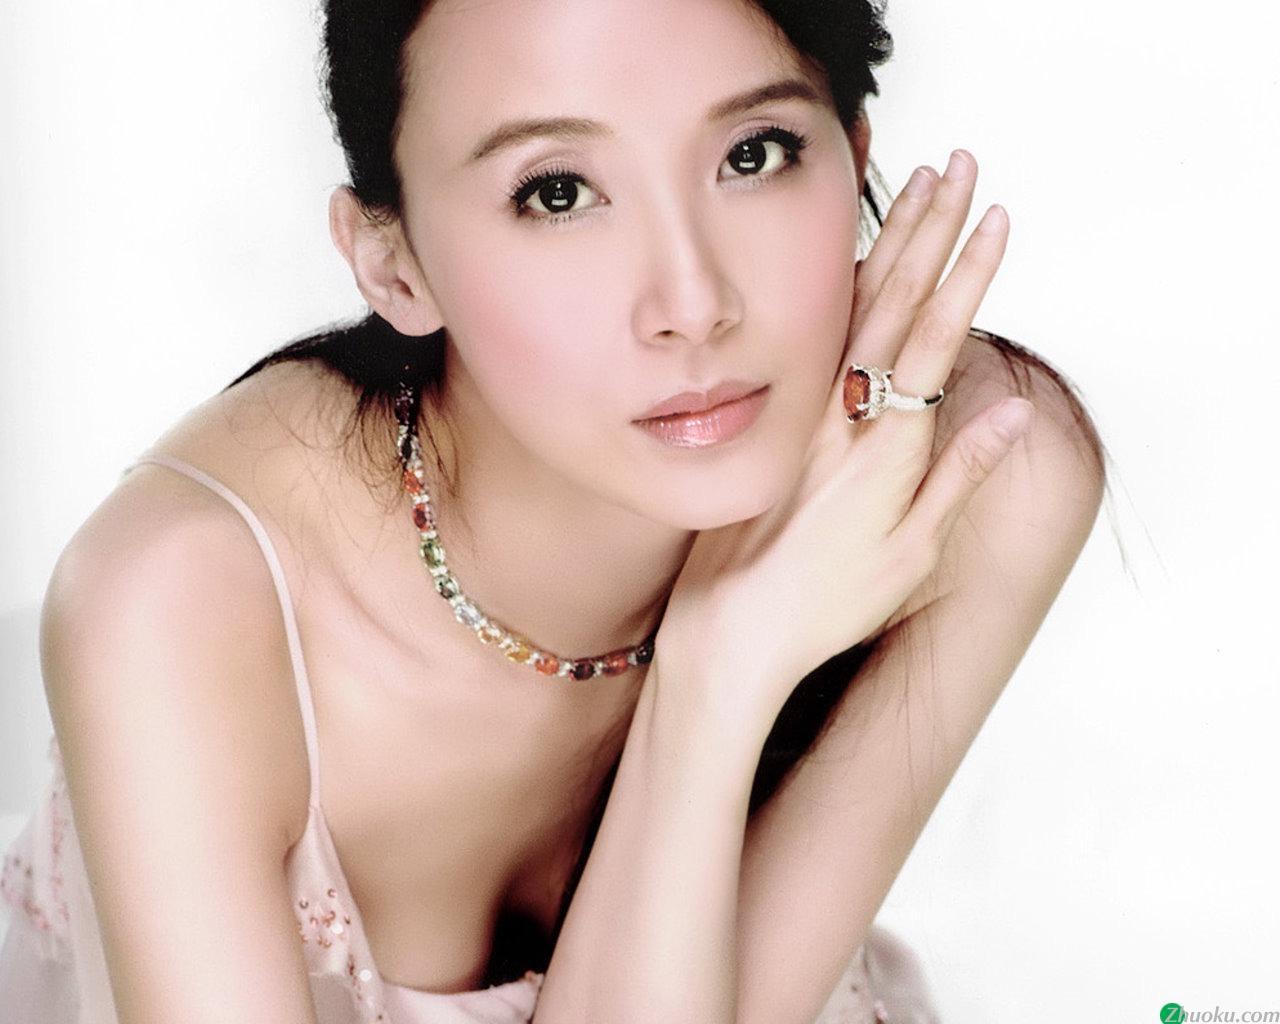 特别2号——萧蔷,她貌似眼窝很深高清图片